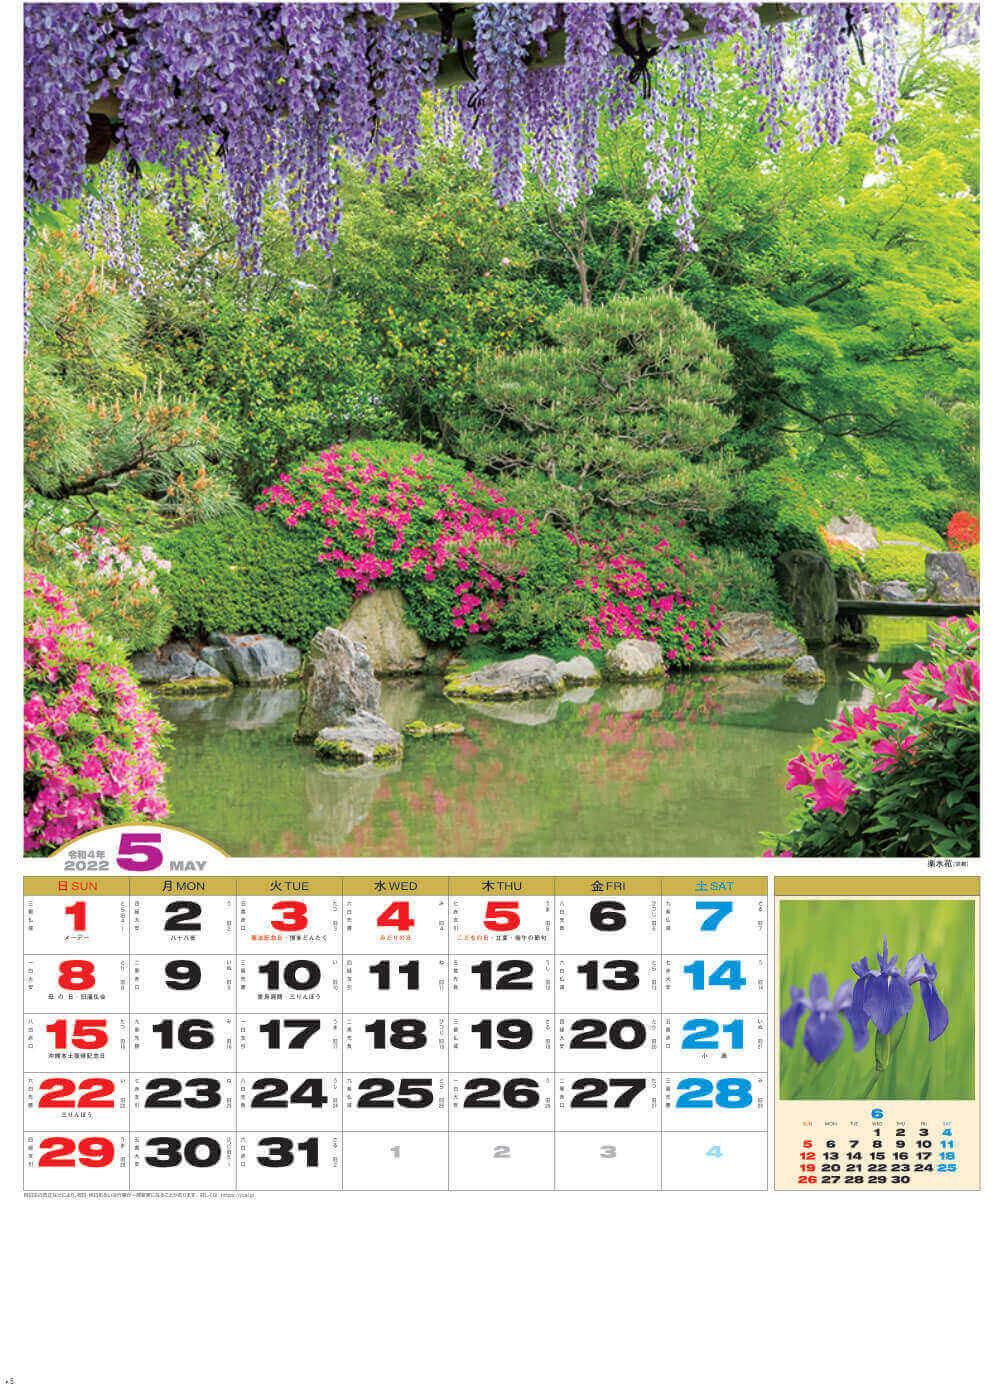 5月 楽水苑(京都) 日本の美 2022年カレンダーの画像